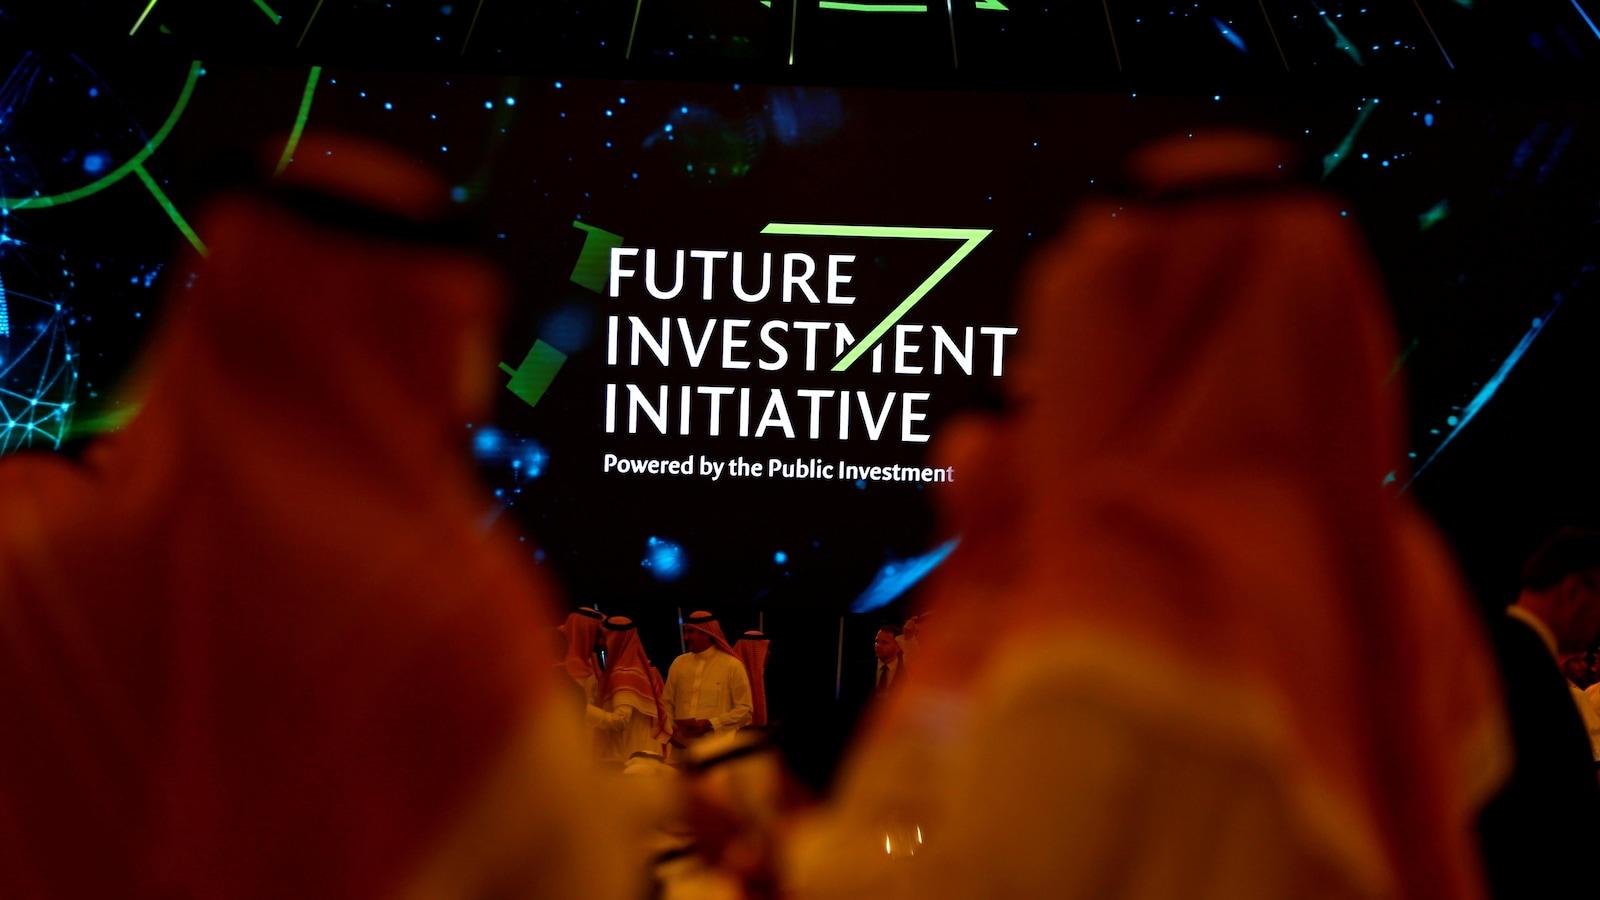 Des participants regroupés autour d'un panneau vantant un fonds d'investissement saoudien